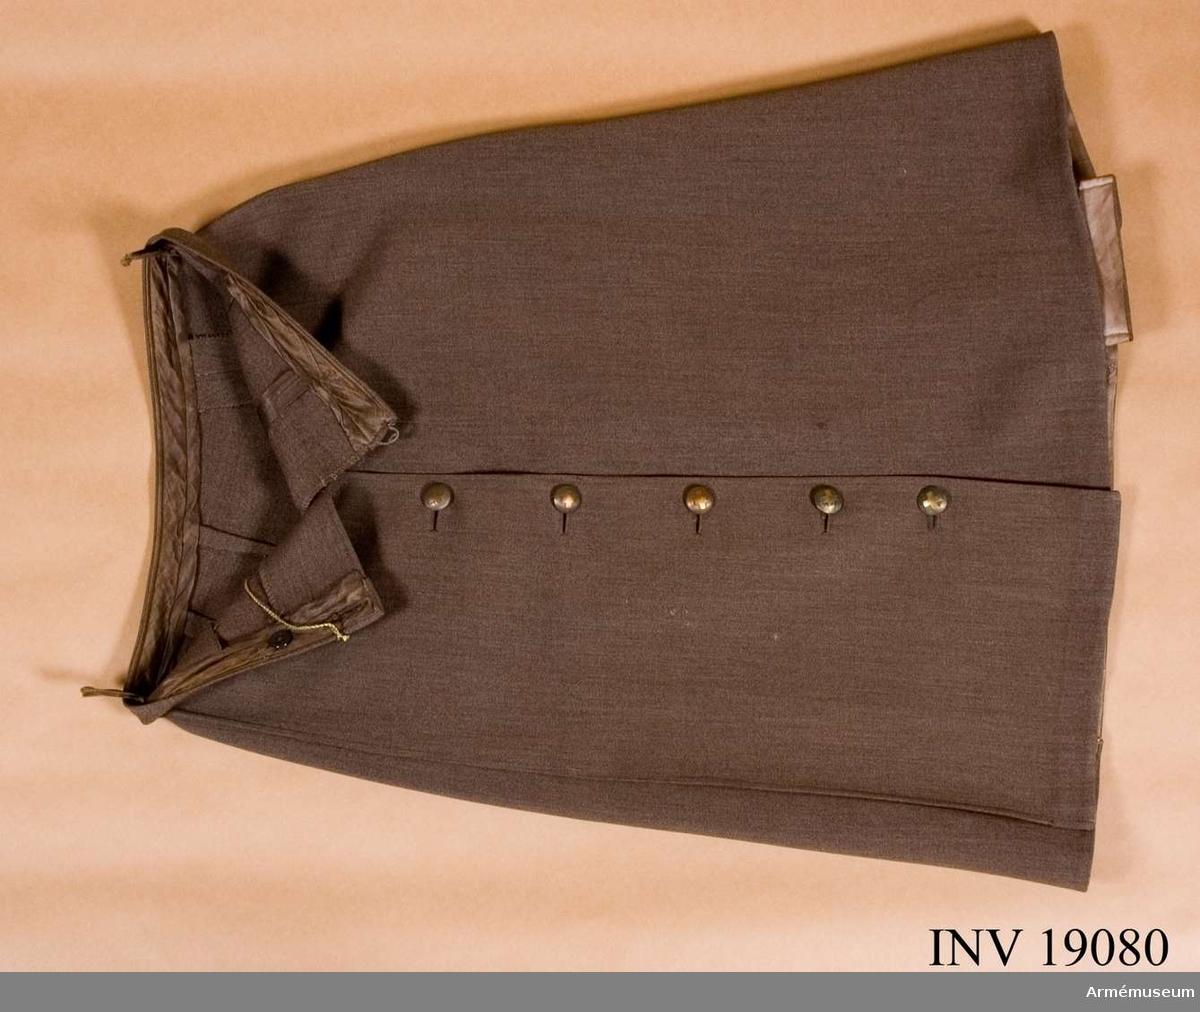 Samhörande nr är:19079-82, jacka, kjol, blus, axelklaffar. Kjolen går omlott och knäpps åt V sida med sju knappar av Röda korsets modell större, som Sporrong har tillverkat. Ett veck åt höger sida och ett motveck mitt bak. Linningen i midjan är ofodrad.